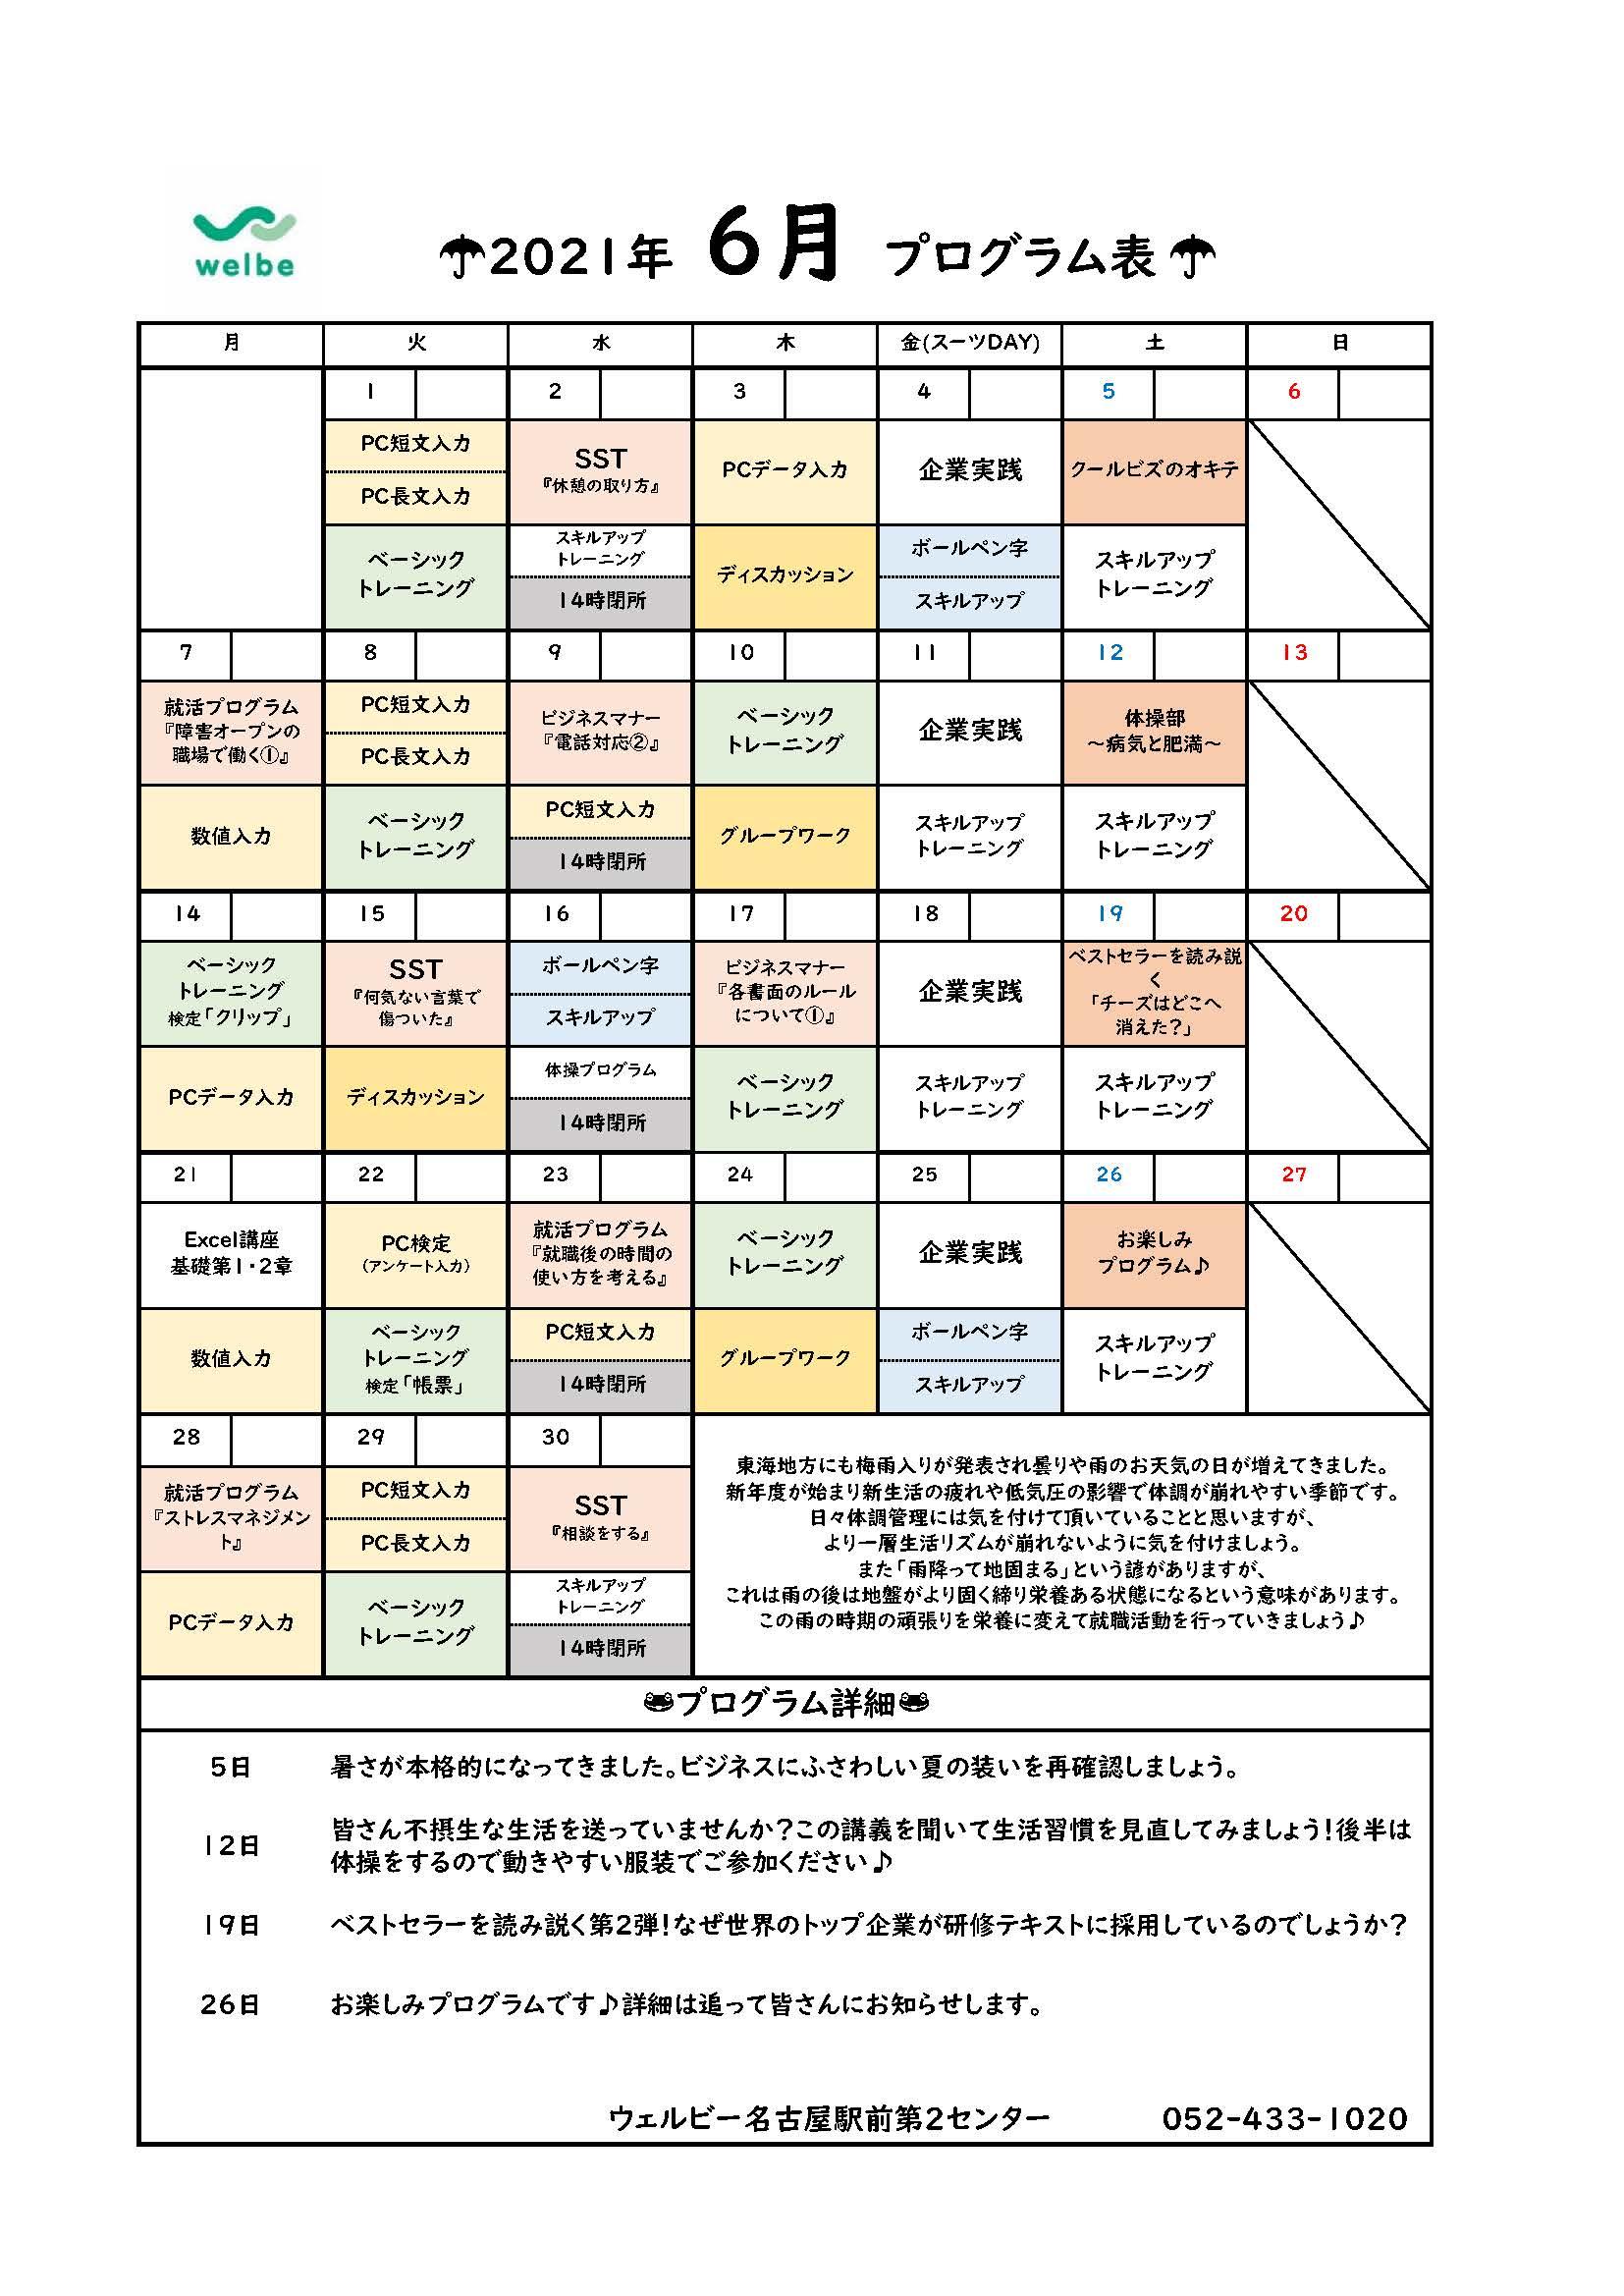 名古屋駅前第2センター画像①(6月プログラム表)